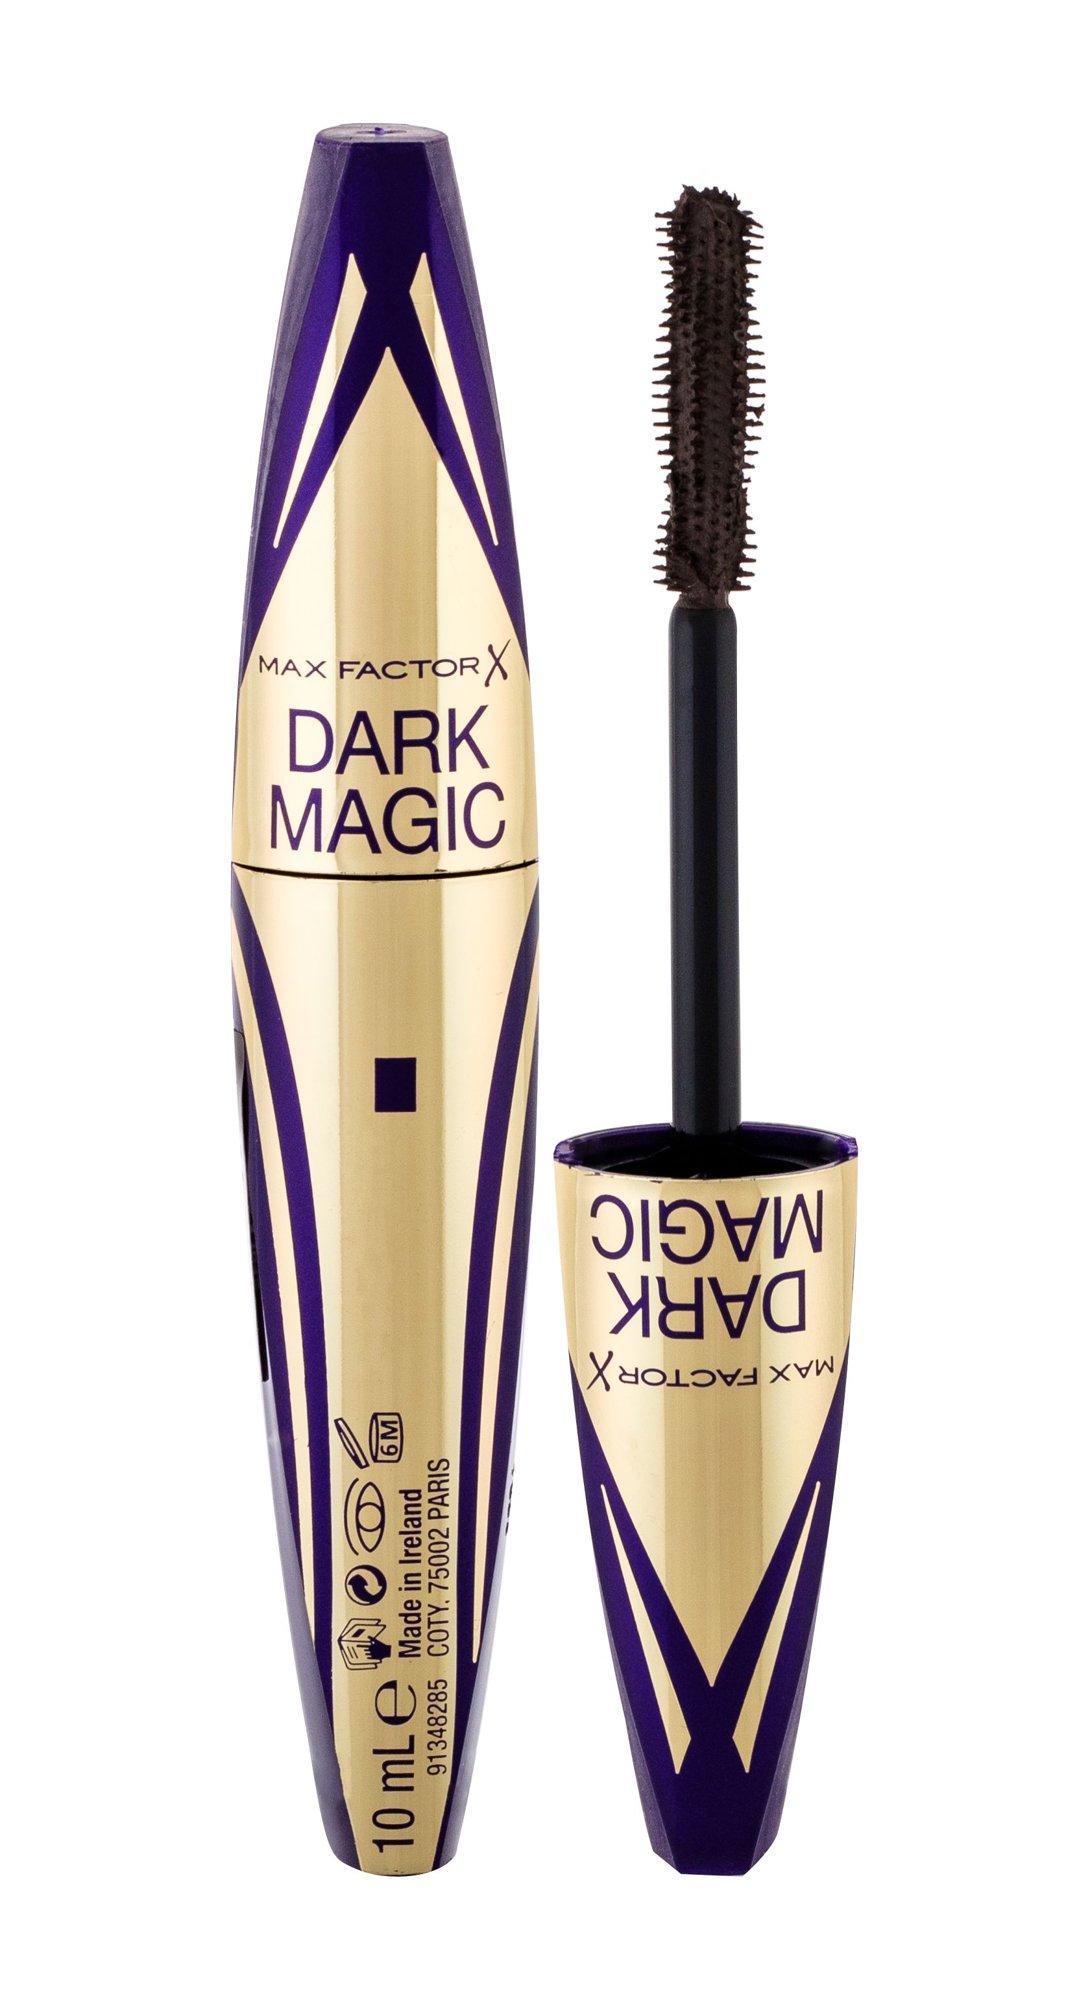 Max Factor Dark Magic Mascara 10ml Black Brown